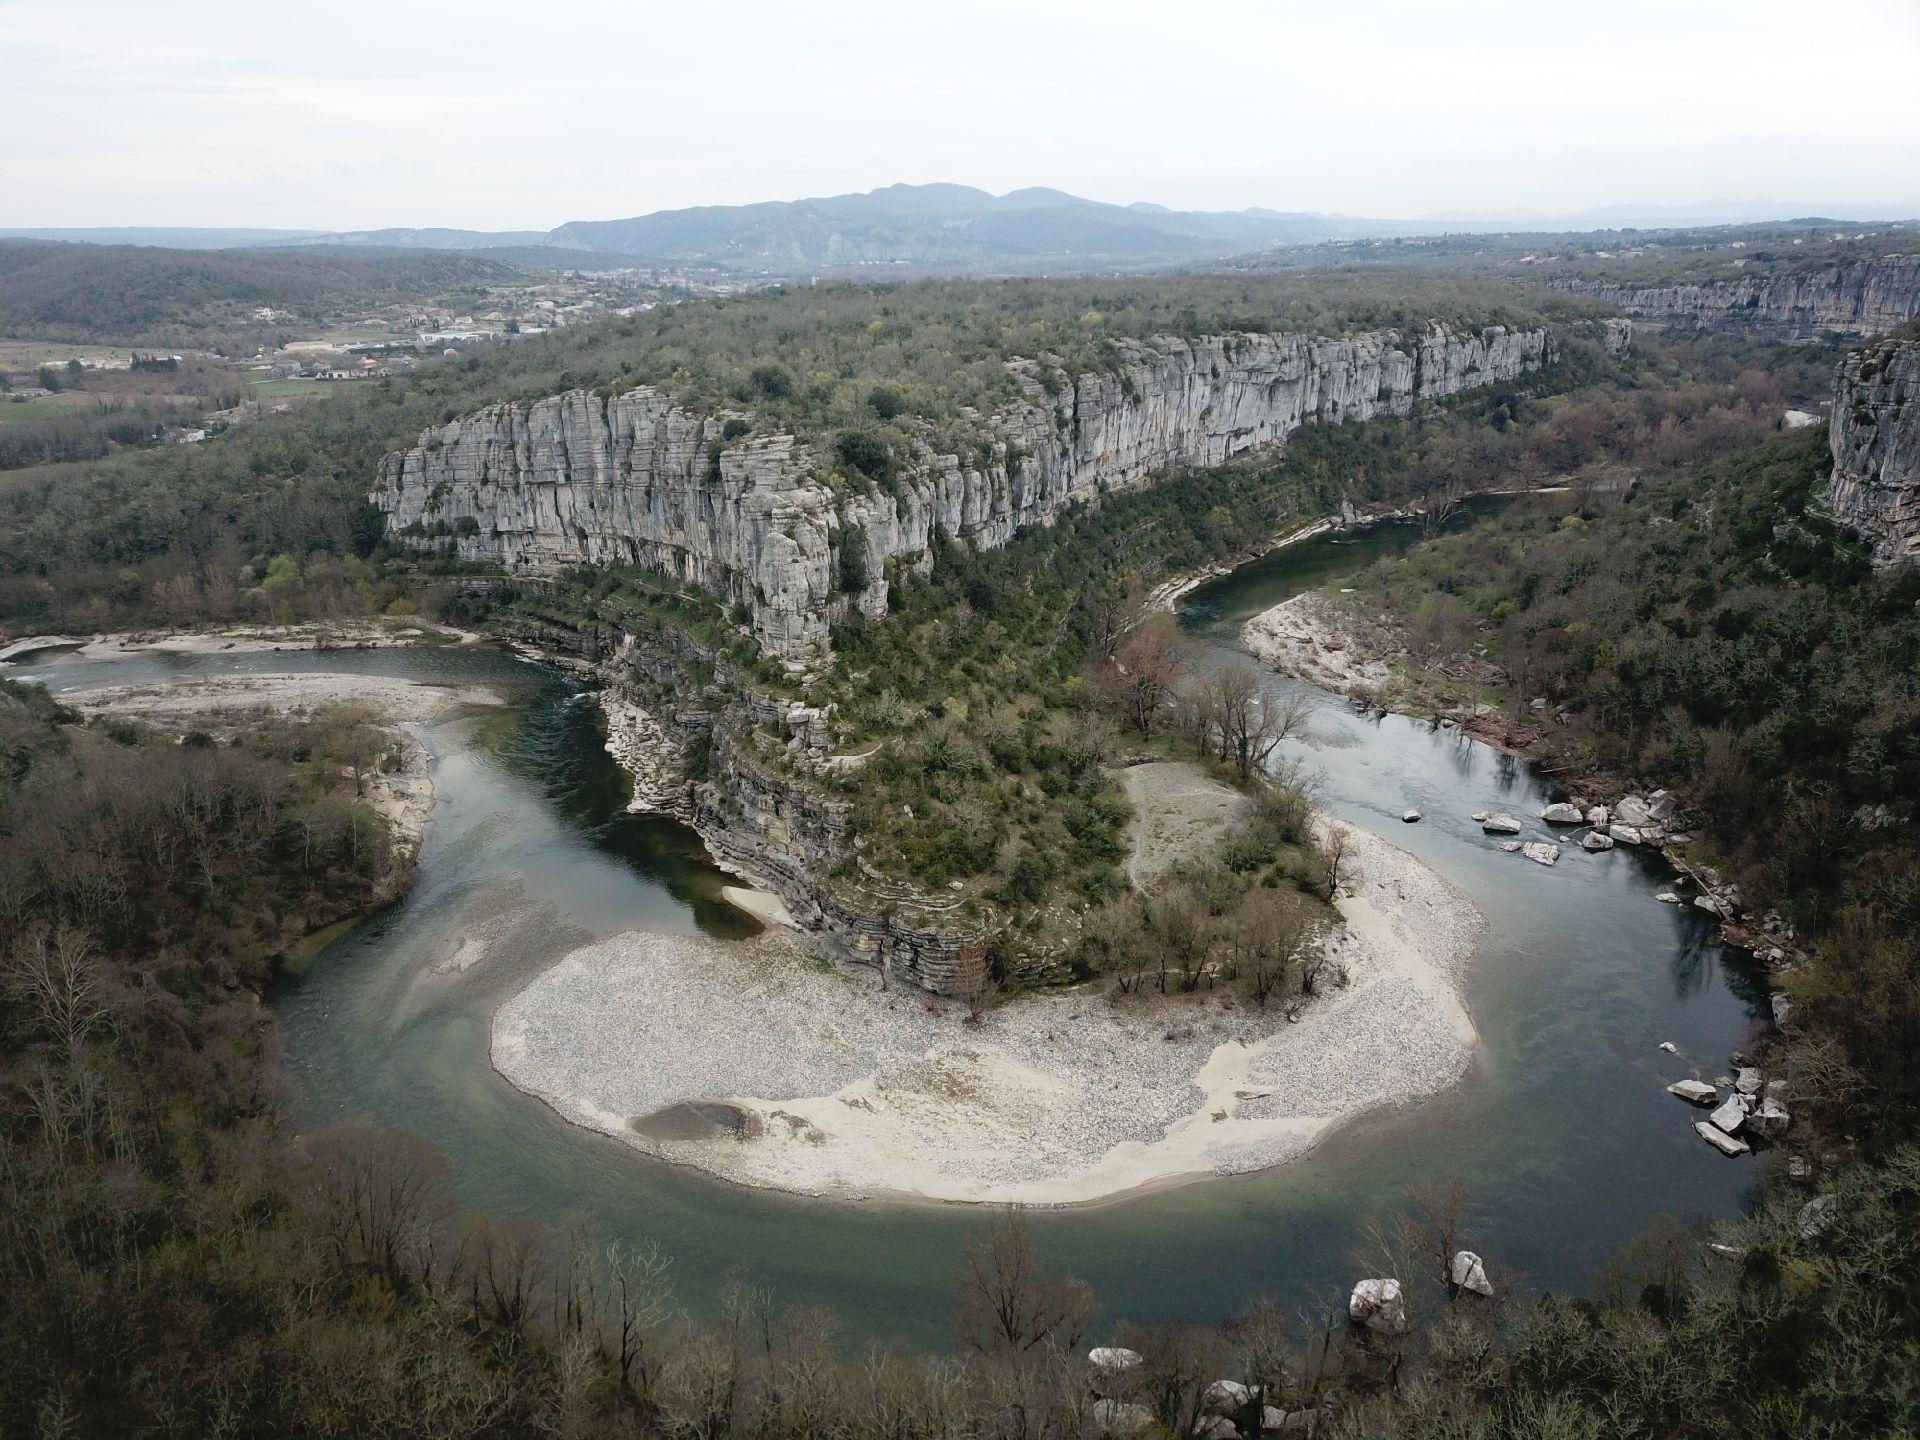 La basse vallée de l'Ardèche et ses alentours